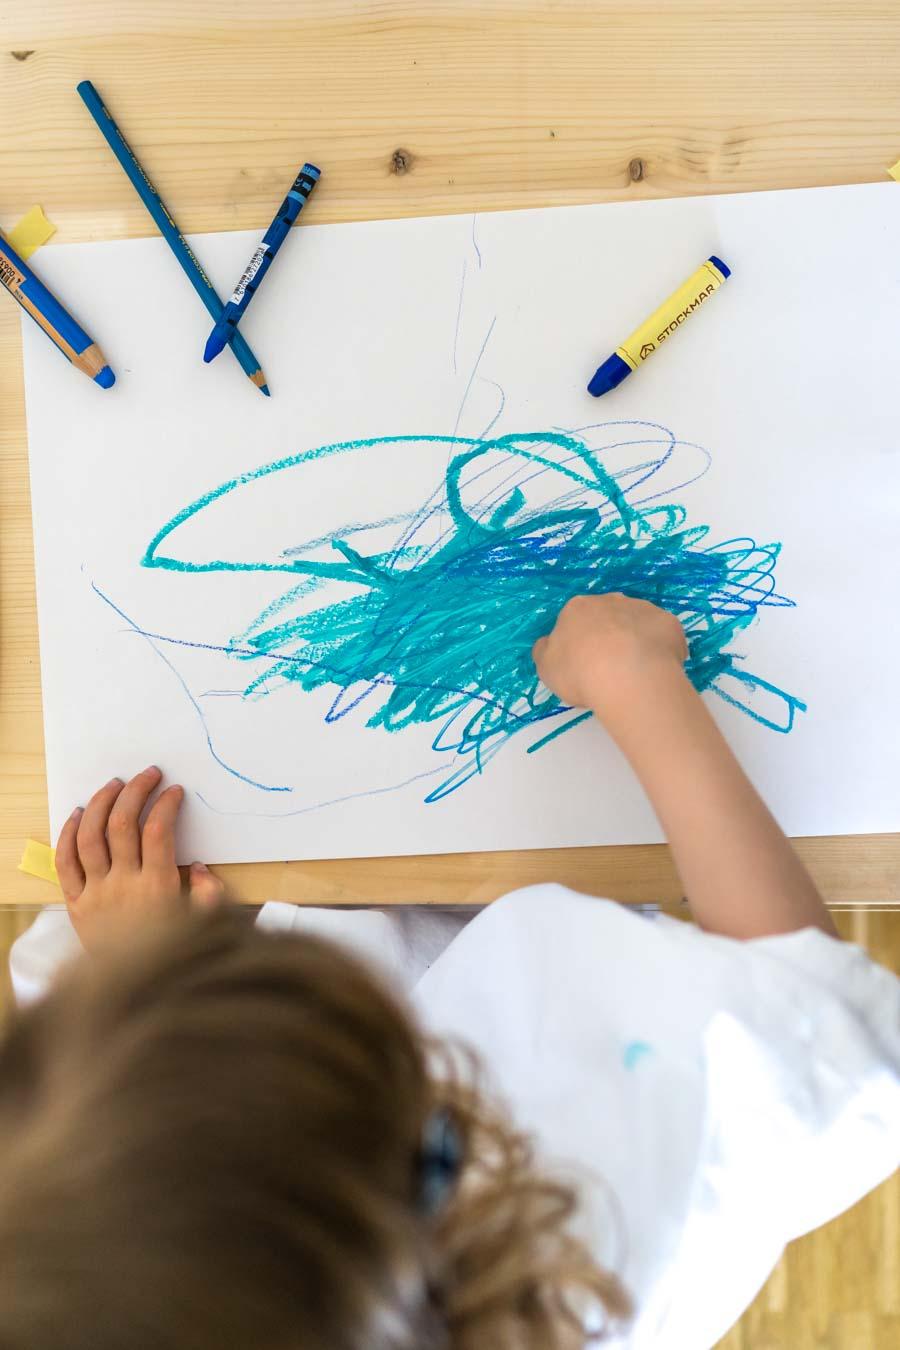 """Basteln mit Kleinkindern: Eine Anleitung für Eltern. Wir zeigen euch, eine einfache Idee der """"kreativen Einladungen"""". Dabei können Kinder ohne Erwartungsdruck oder Vorgaben basteln und malen. Und spielerisch Farben, Formen und Konsistenzen entdecken. Einfache Bastelideen für Kinder, in der Kita, Kindergarten und zu Hause. Basteln mit Kindern findet ihr auf dem Blog: www.chezmamapoule.com #malspiel #unerzogen #montessori #spielideen #attachmentparenting #freiesmalen #freiesbasteln"""